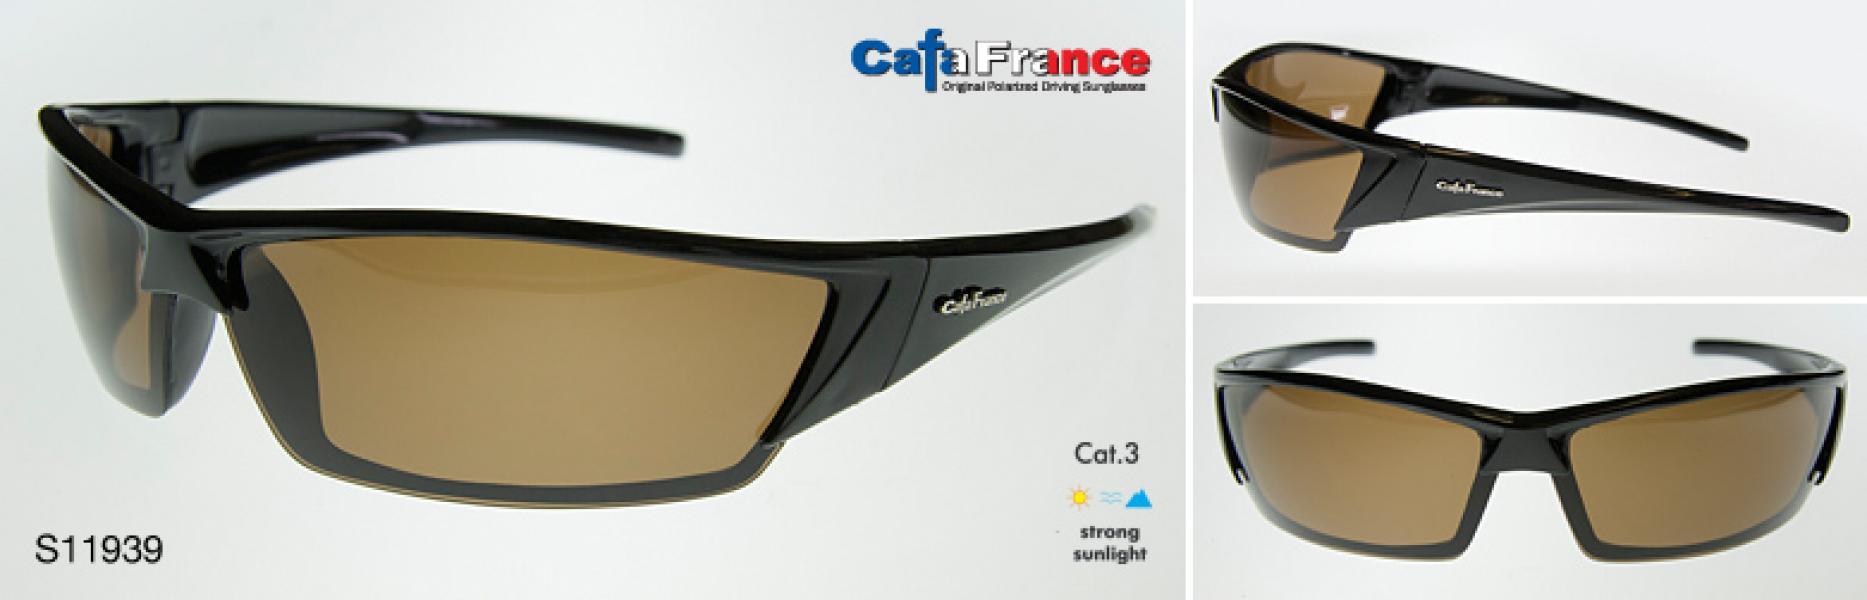 Очки поляризационные мужские Cafa France c11939